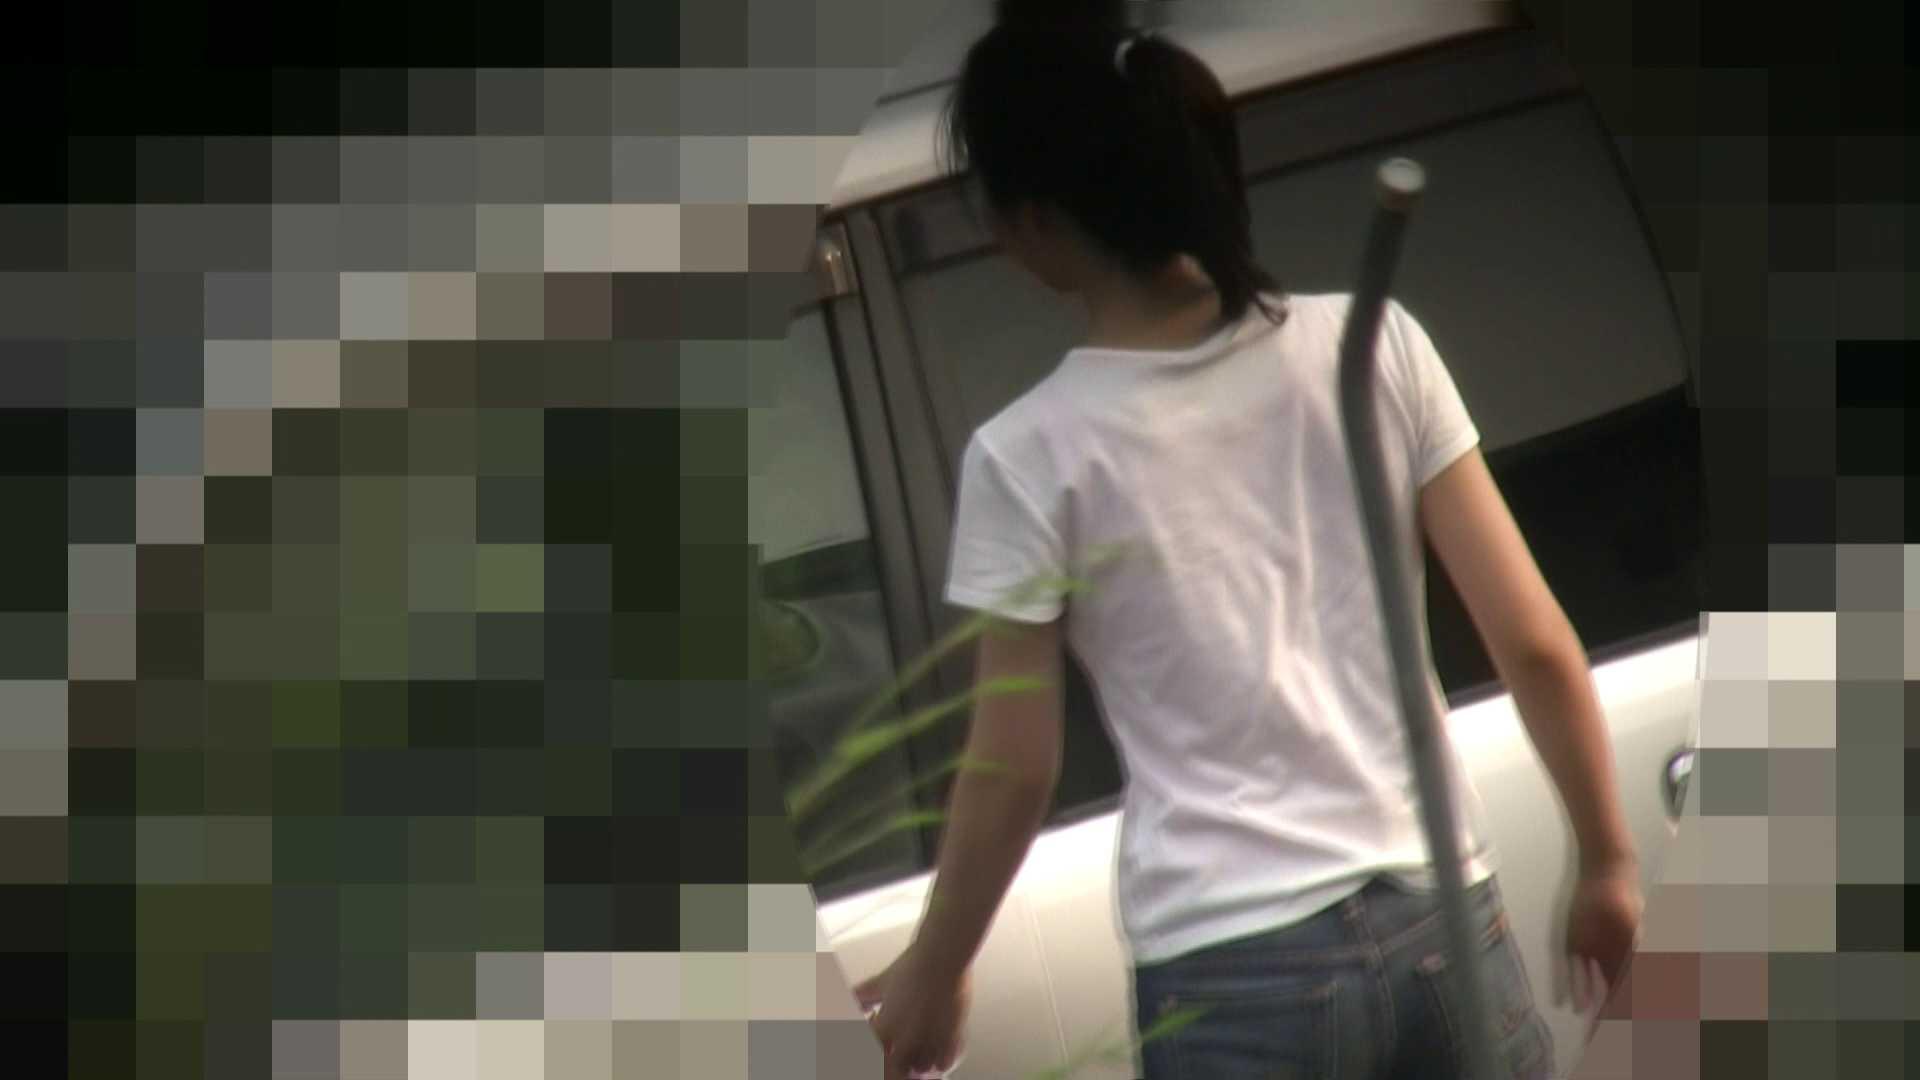 高画質露天女風呂観察 vol.027 入浴 盗み撮り動画キャプチャ 72画像 61